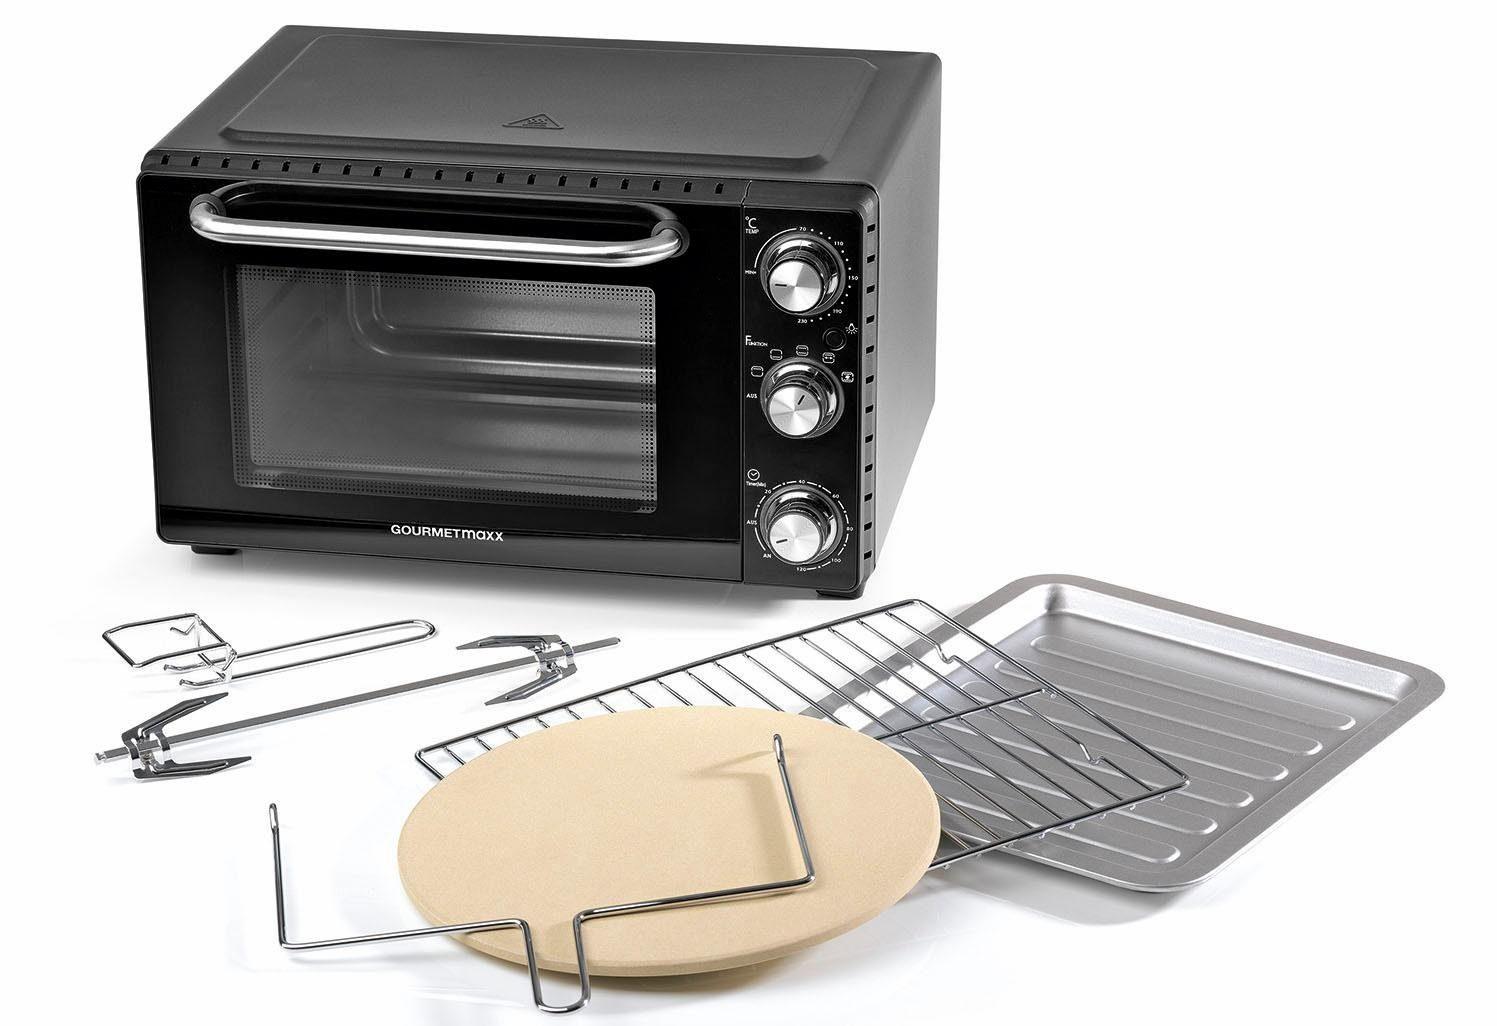 GOURMETmaxx Minibackofen Infrarot-Ofen, 1500 W, mit Ober- und Unterhitze und Umluft